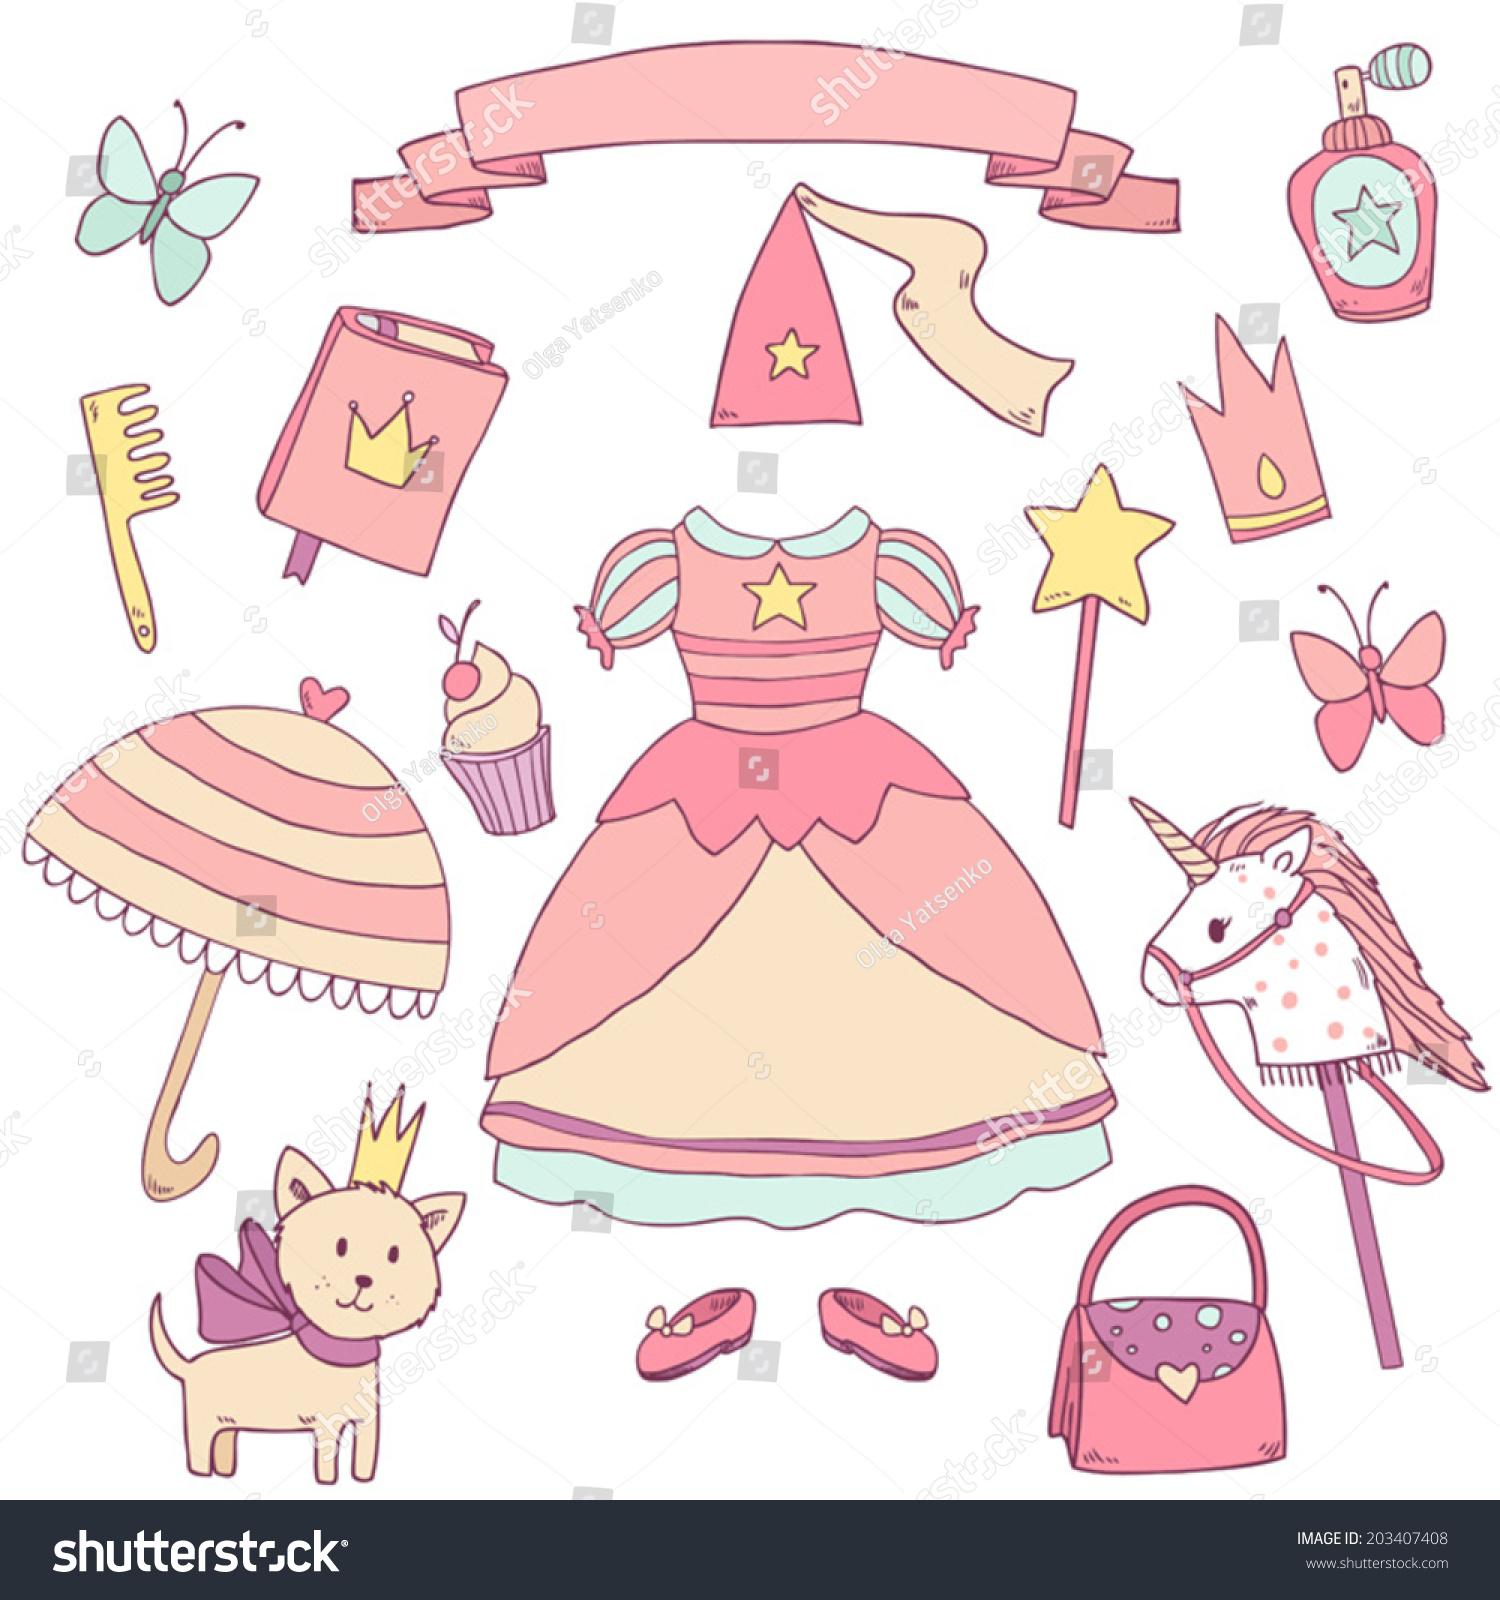 My Little Princess Set Cute Vector Stock Vector 203407408 - Shutterstock